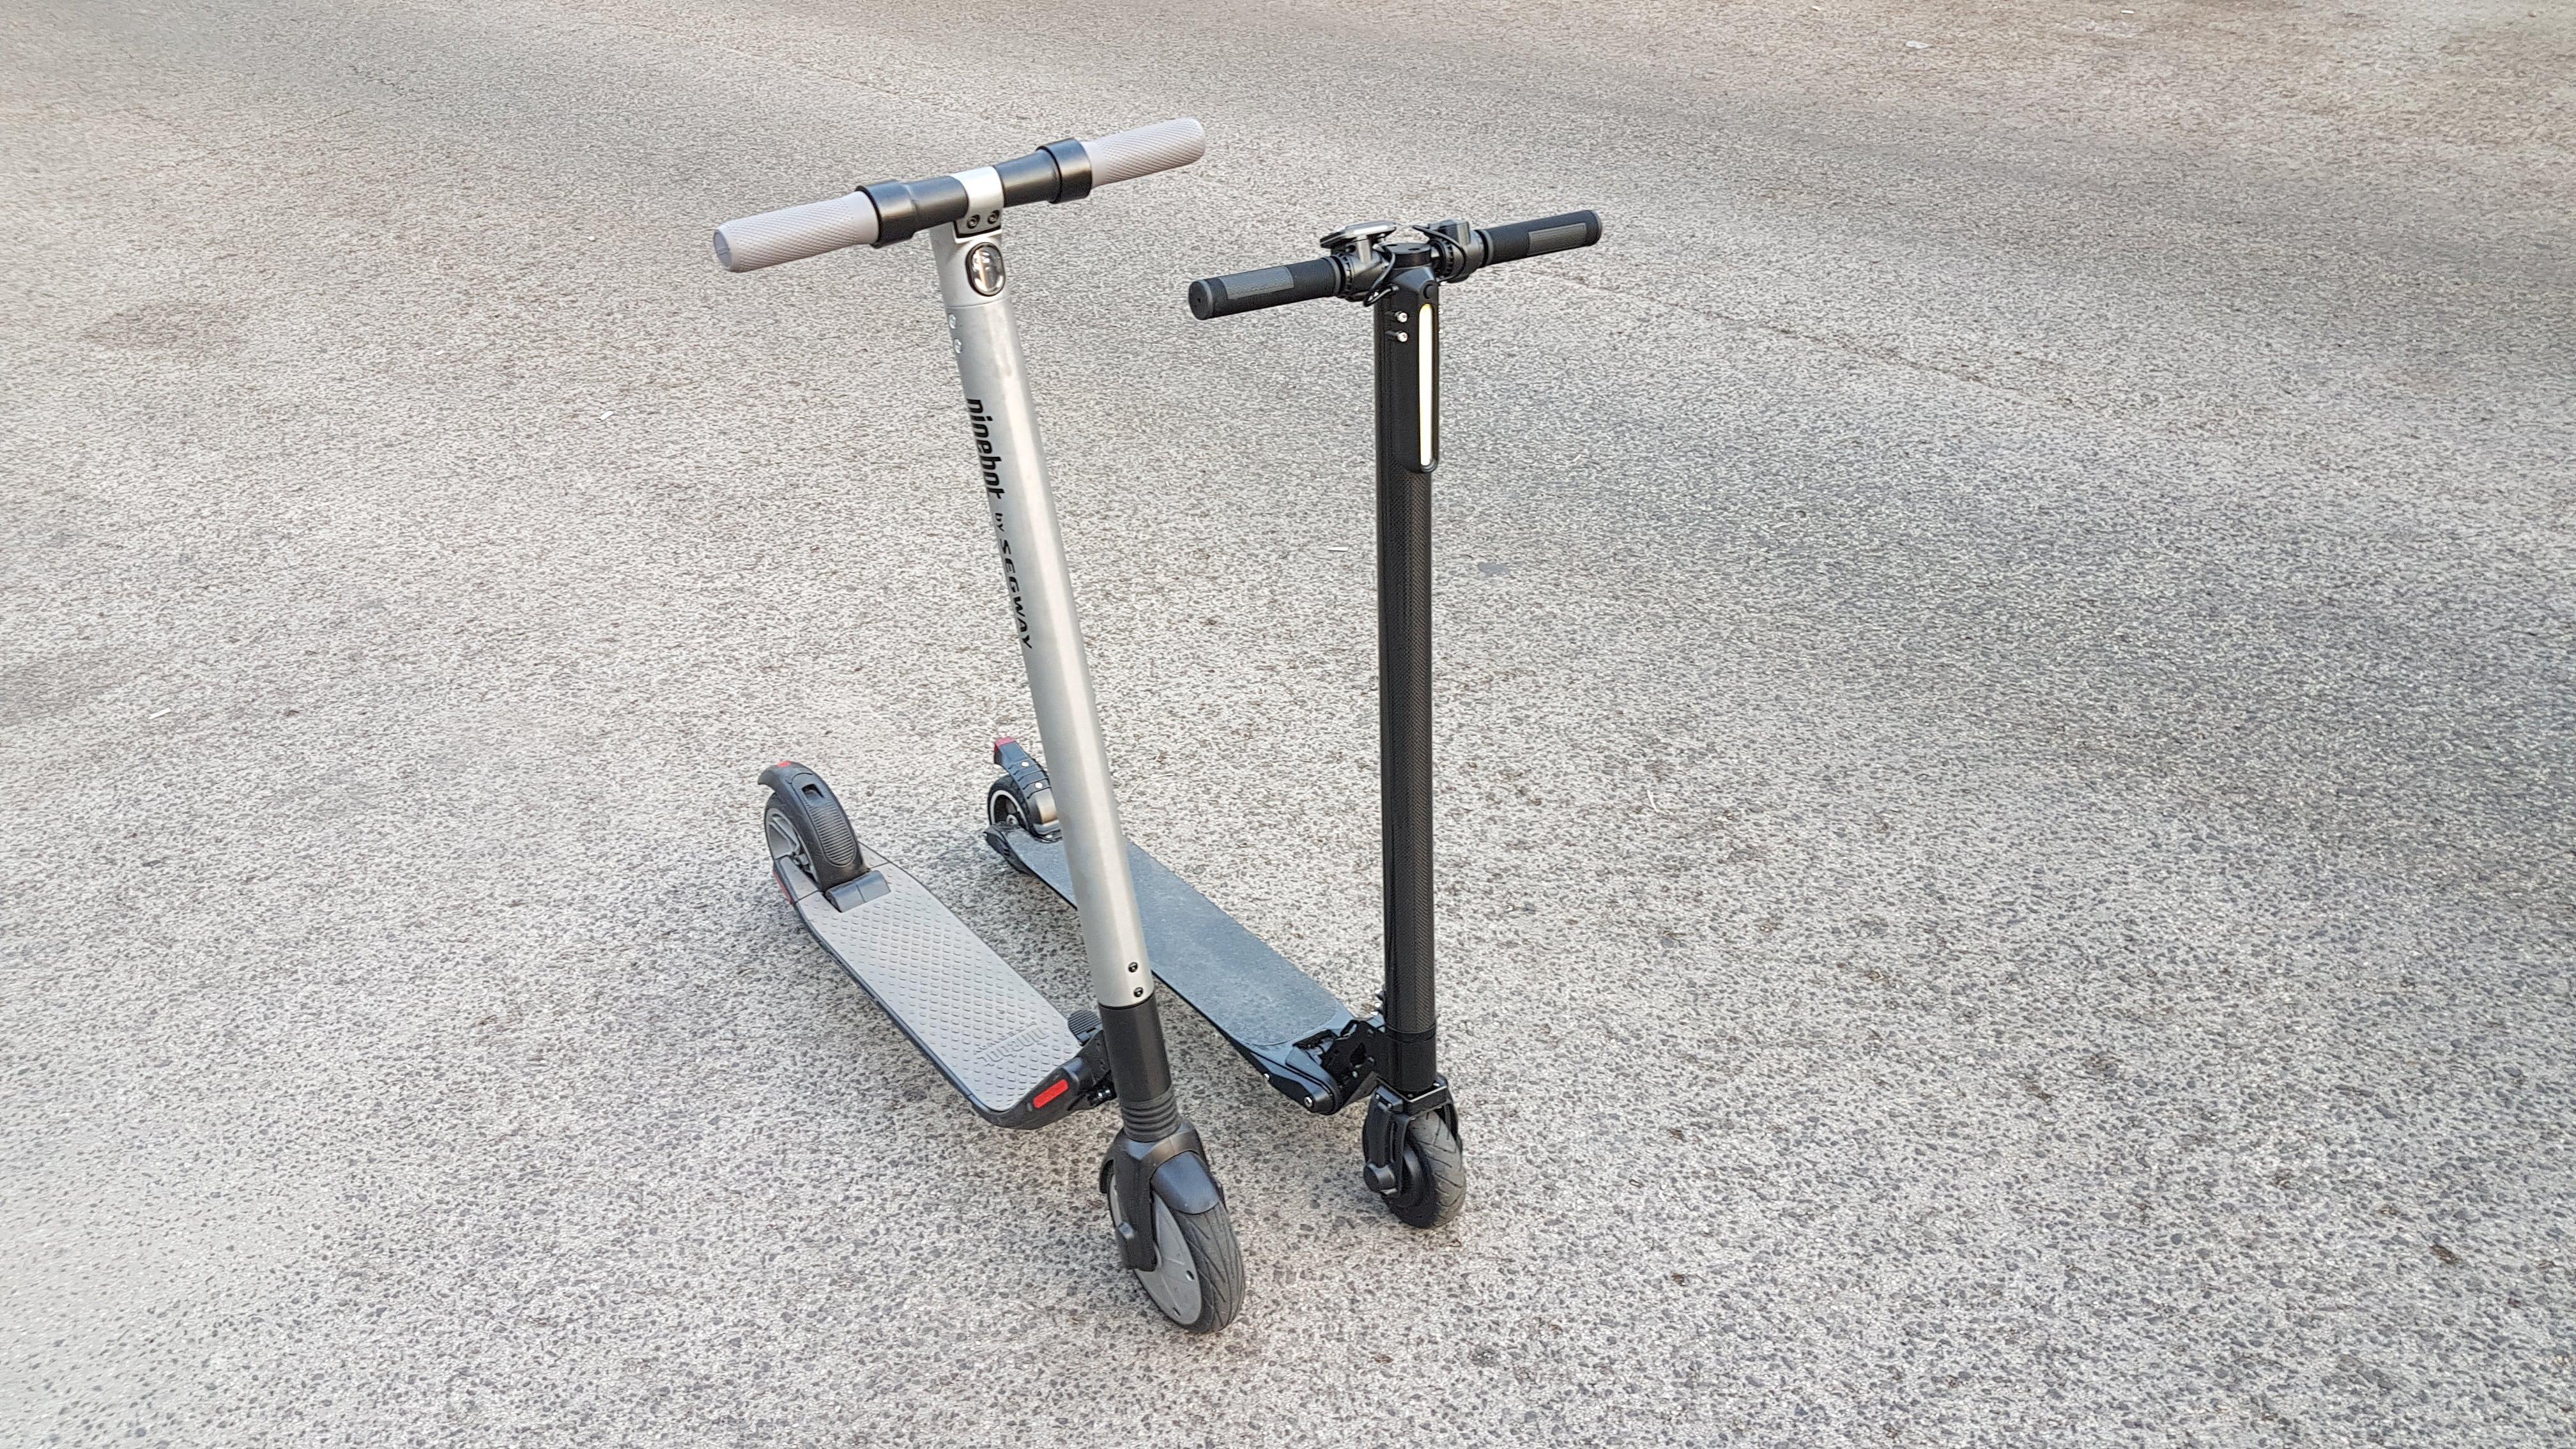 carbon-fiber-a-hordozhato-elektromos-roller-teszt-osszecsukhato-6600mAh-akkumulator-akksi-5.5-colos-kerek-20